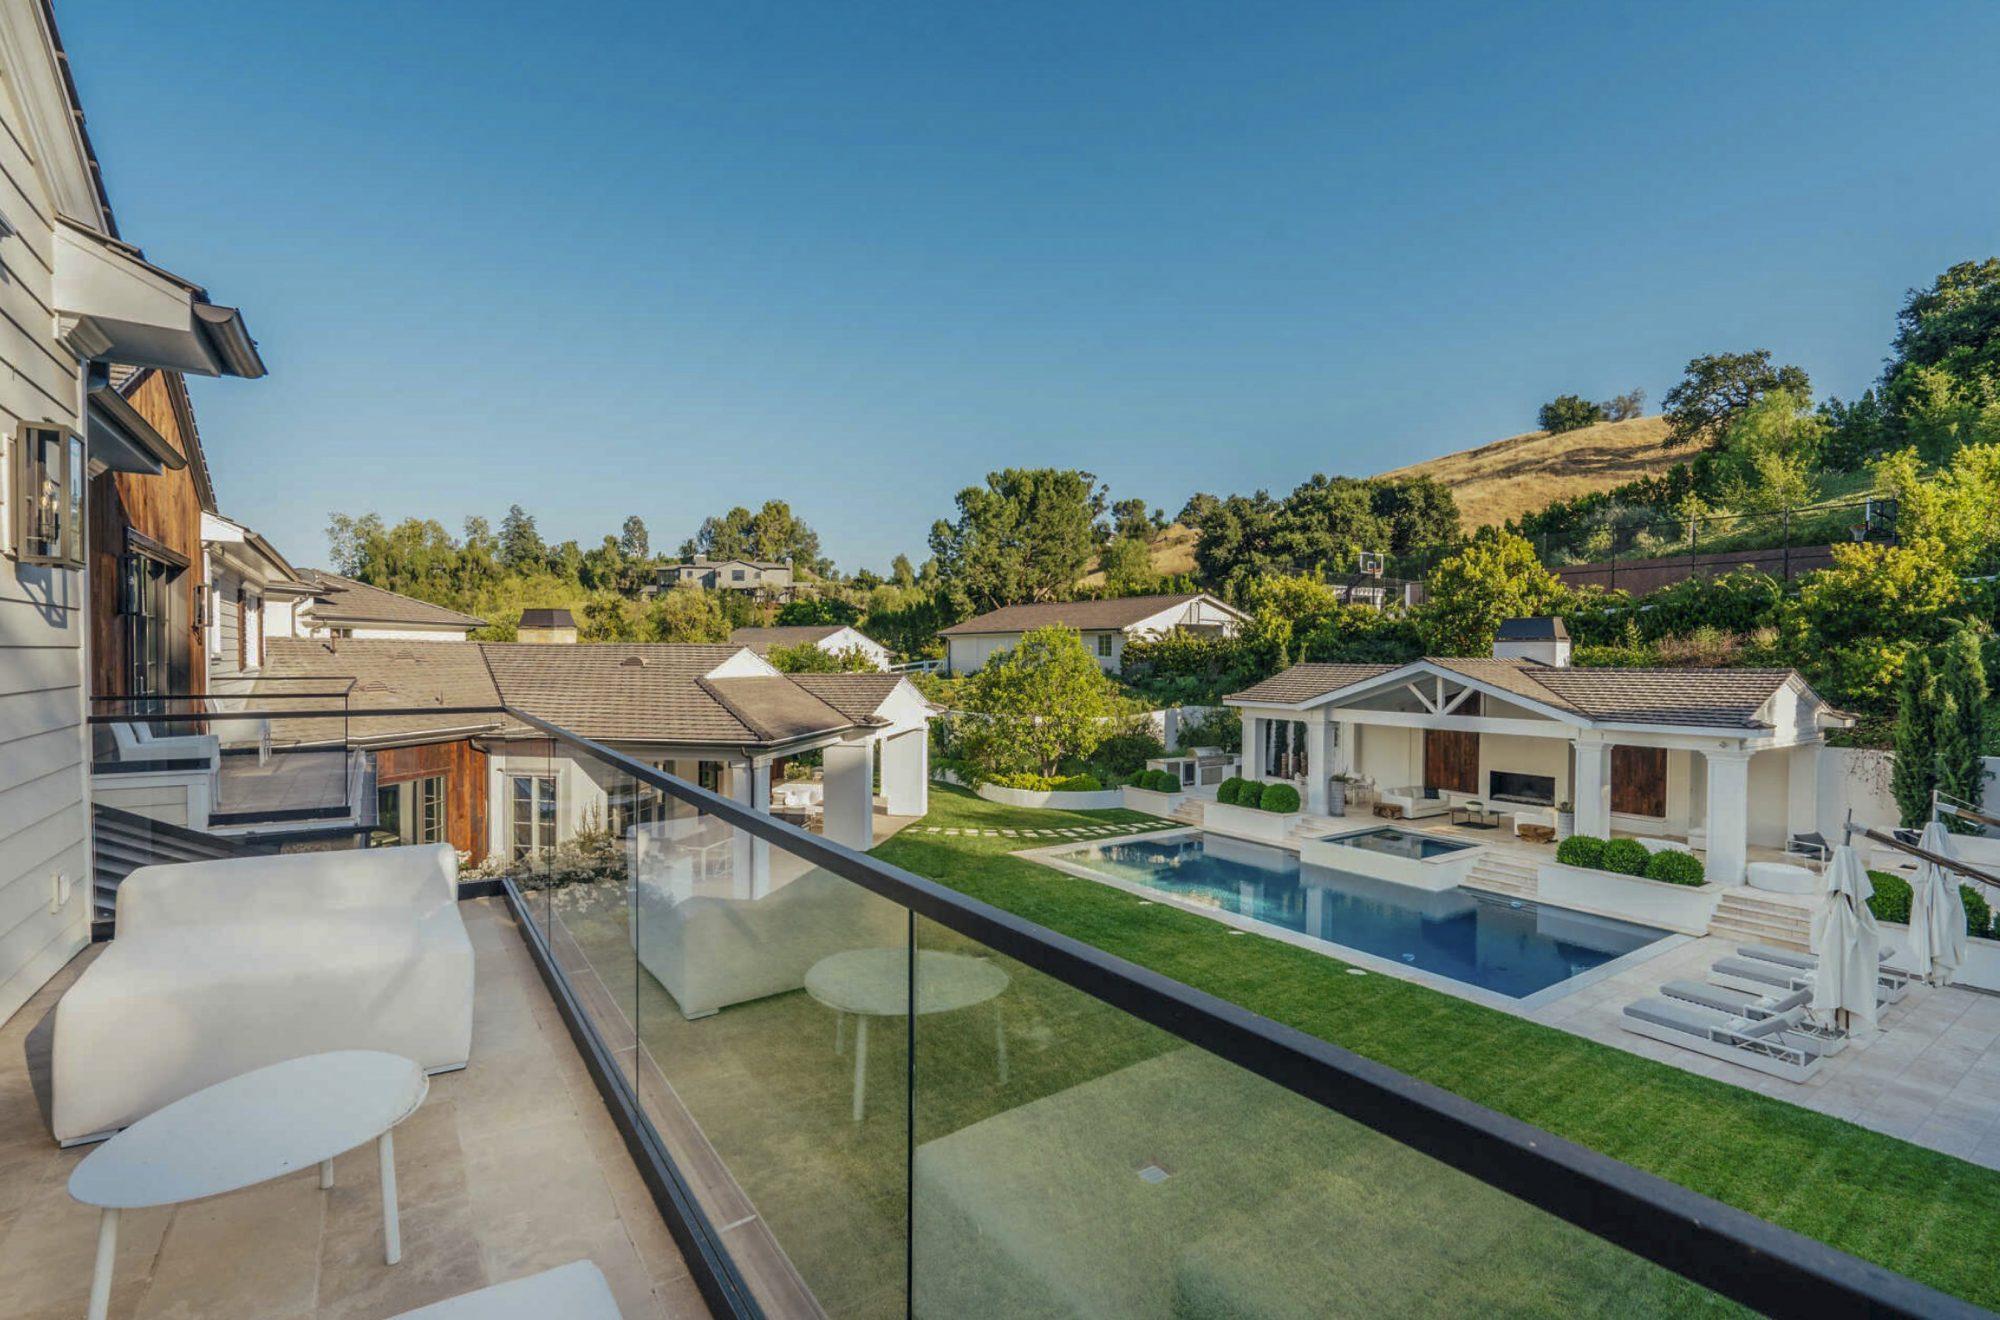 La casa de The Weeknd